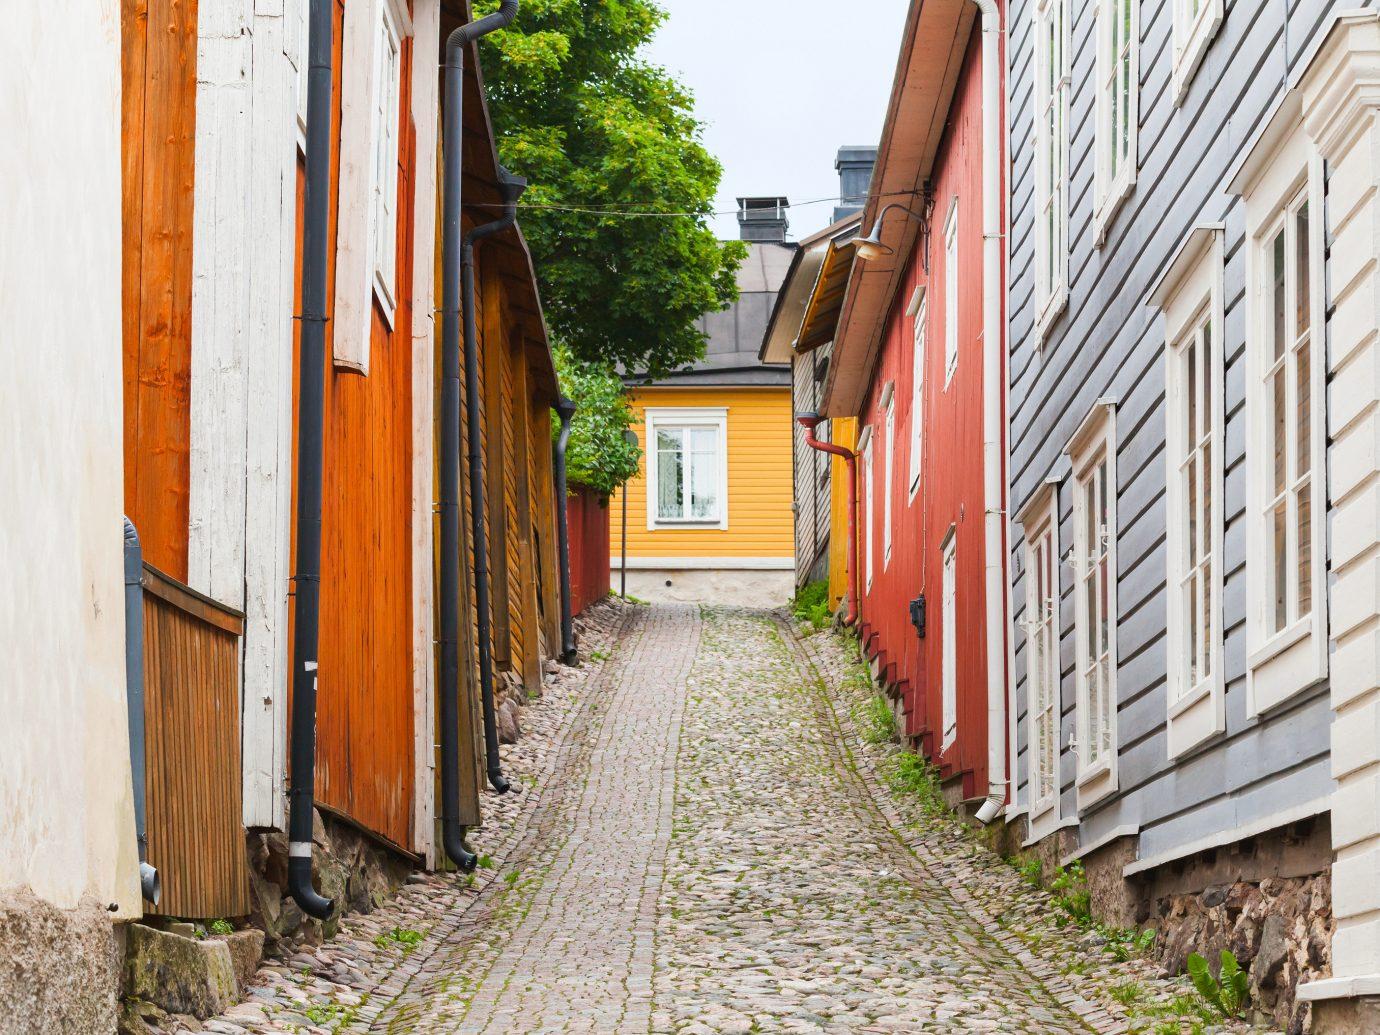 Finland Trip Ideas outdoor Town alley neighbourhood road street house wood facade window tree cobblestone lane way sidewalk